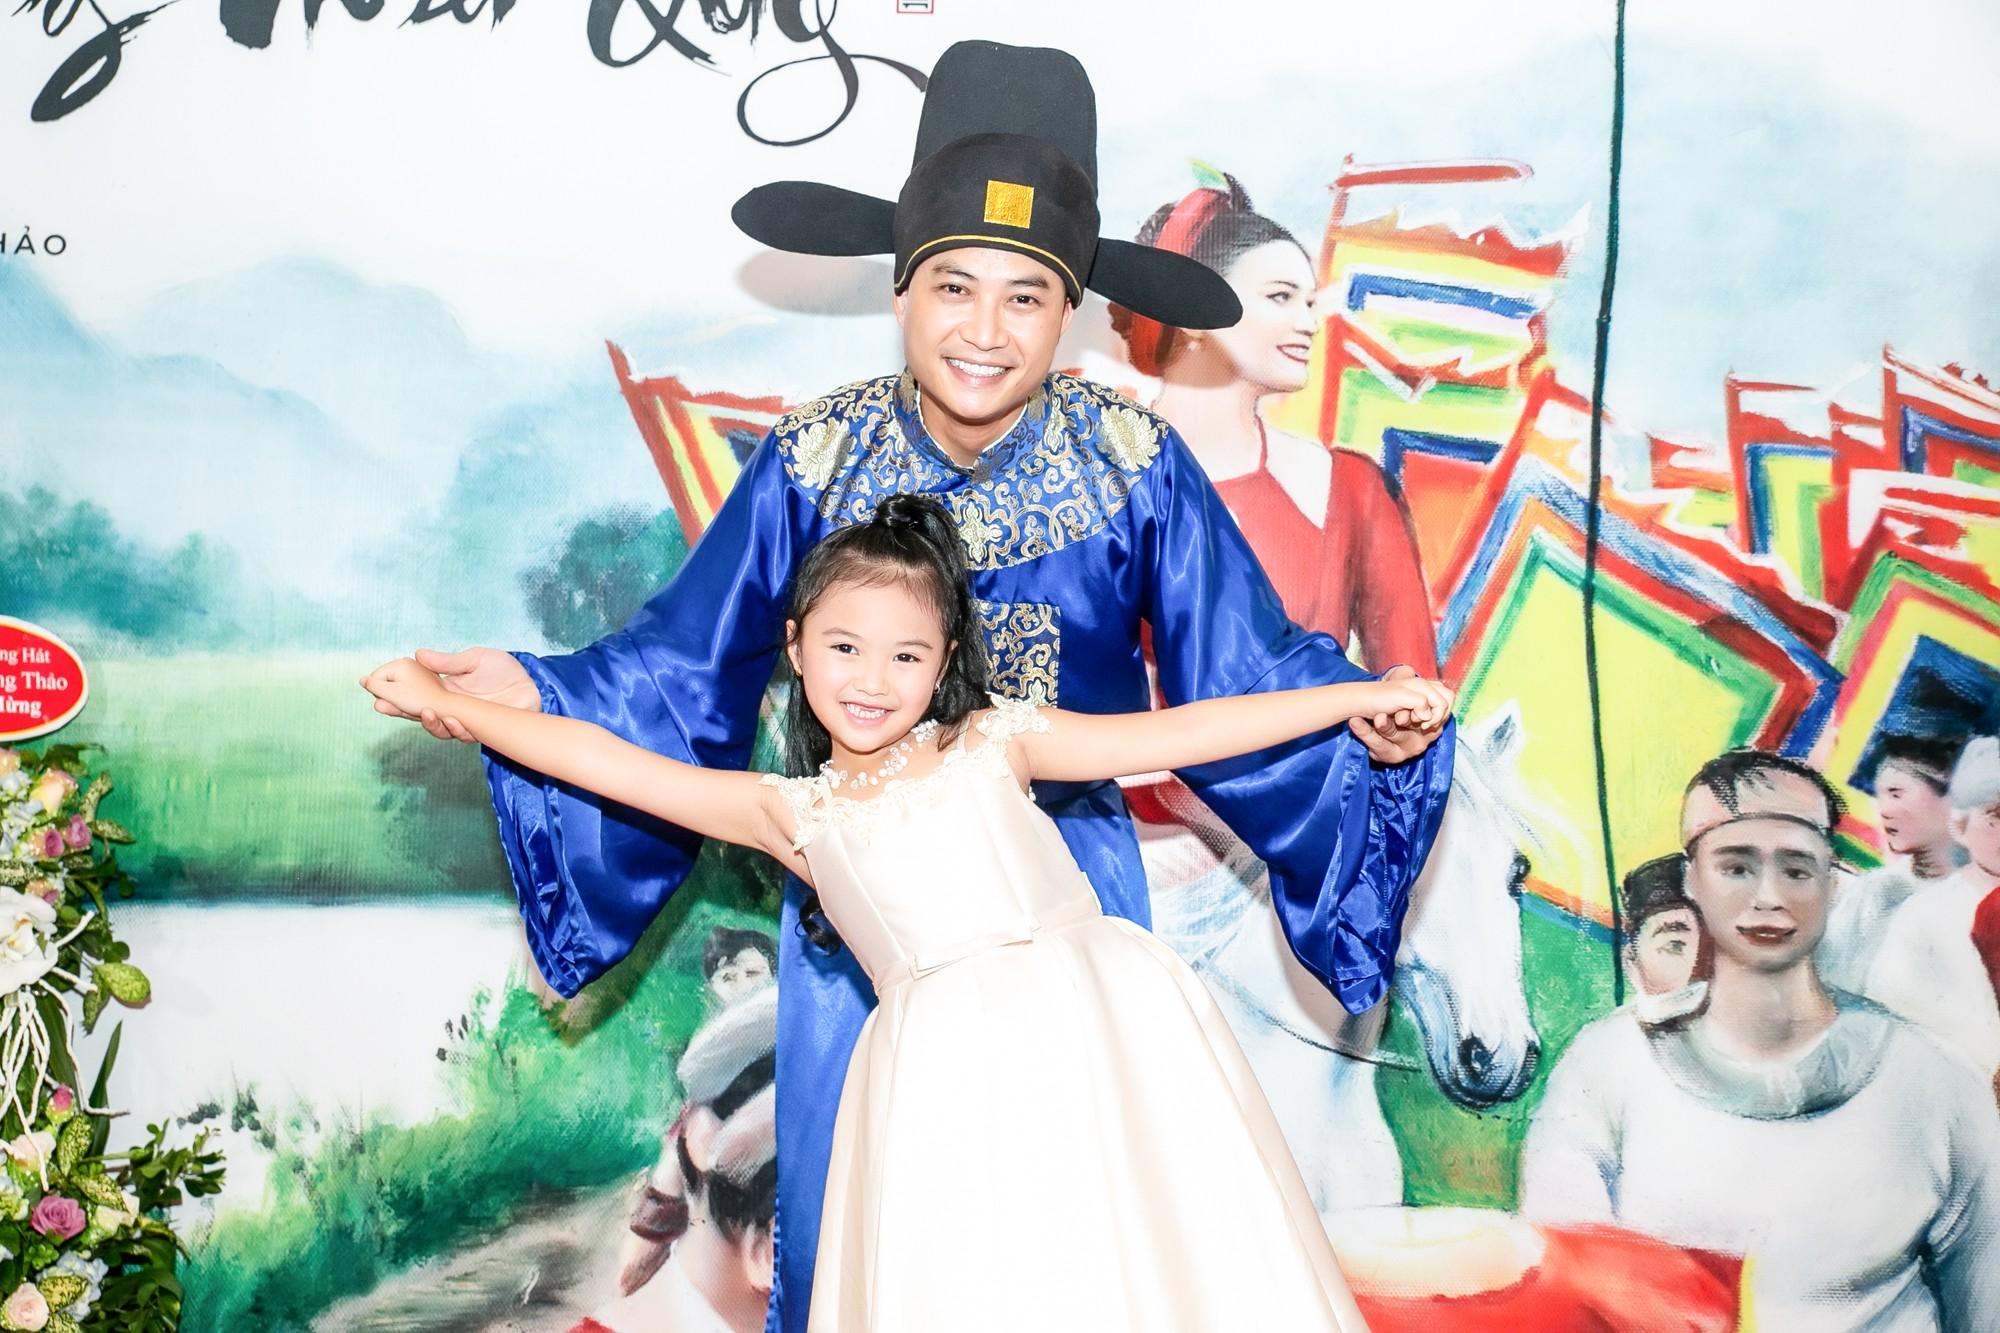 Ông bố điệu nhất của Bố ơi Tiến Lộc thừa nhận rung động trước đàn chị Phạm Phương Thảo - Ảnh 3.